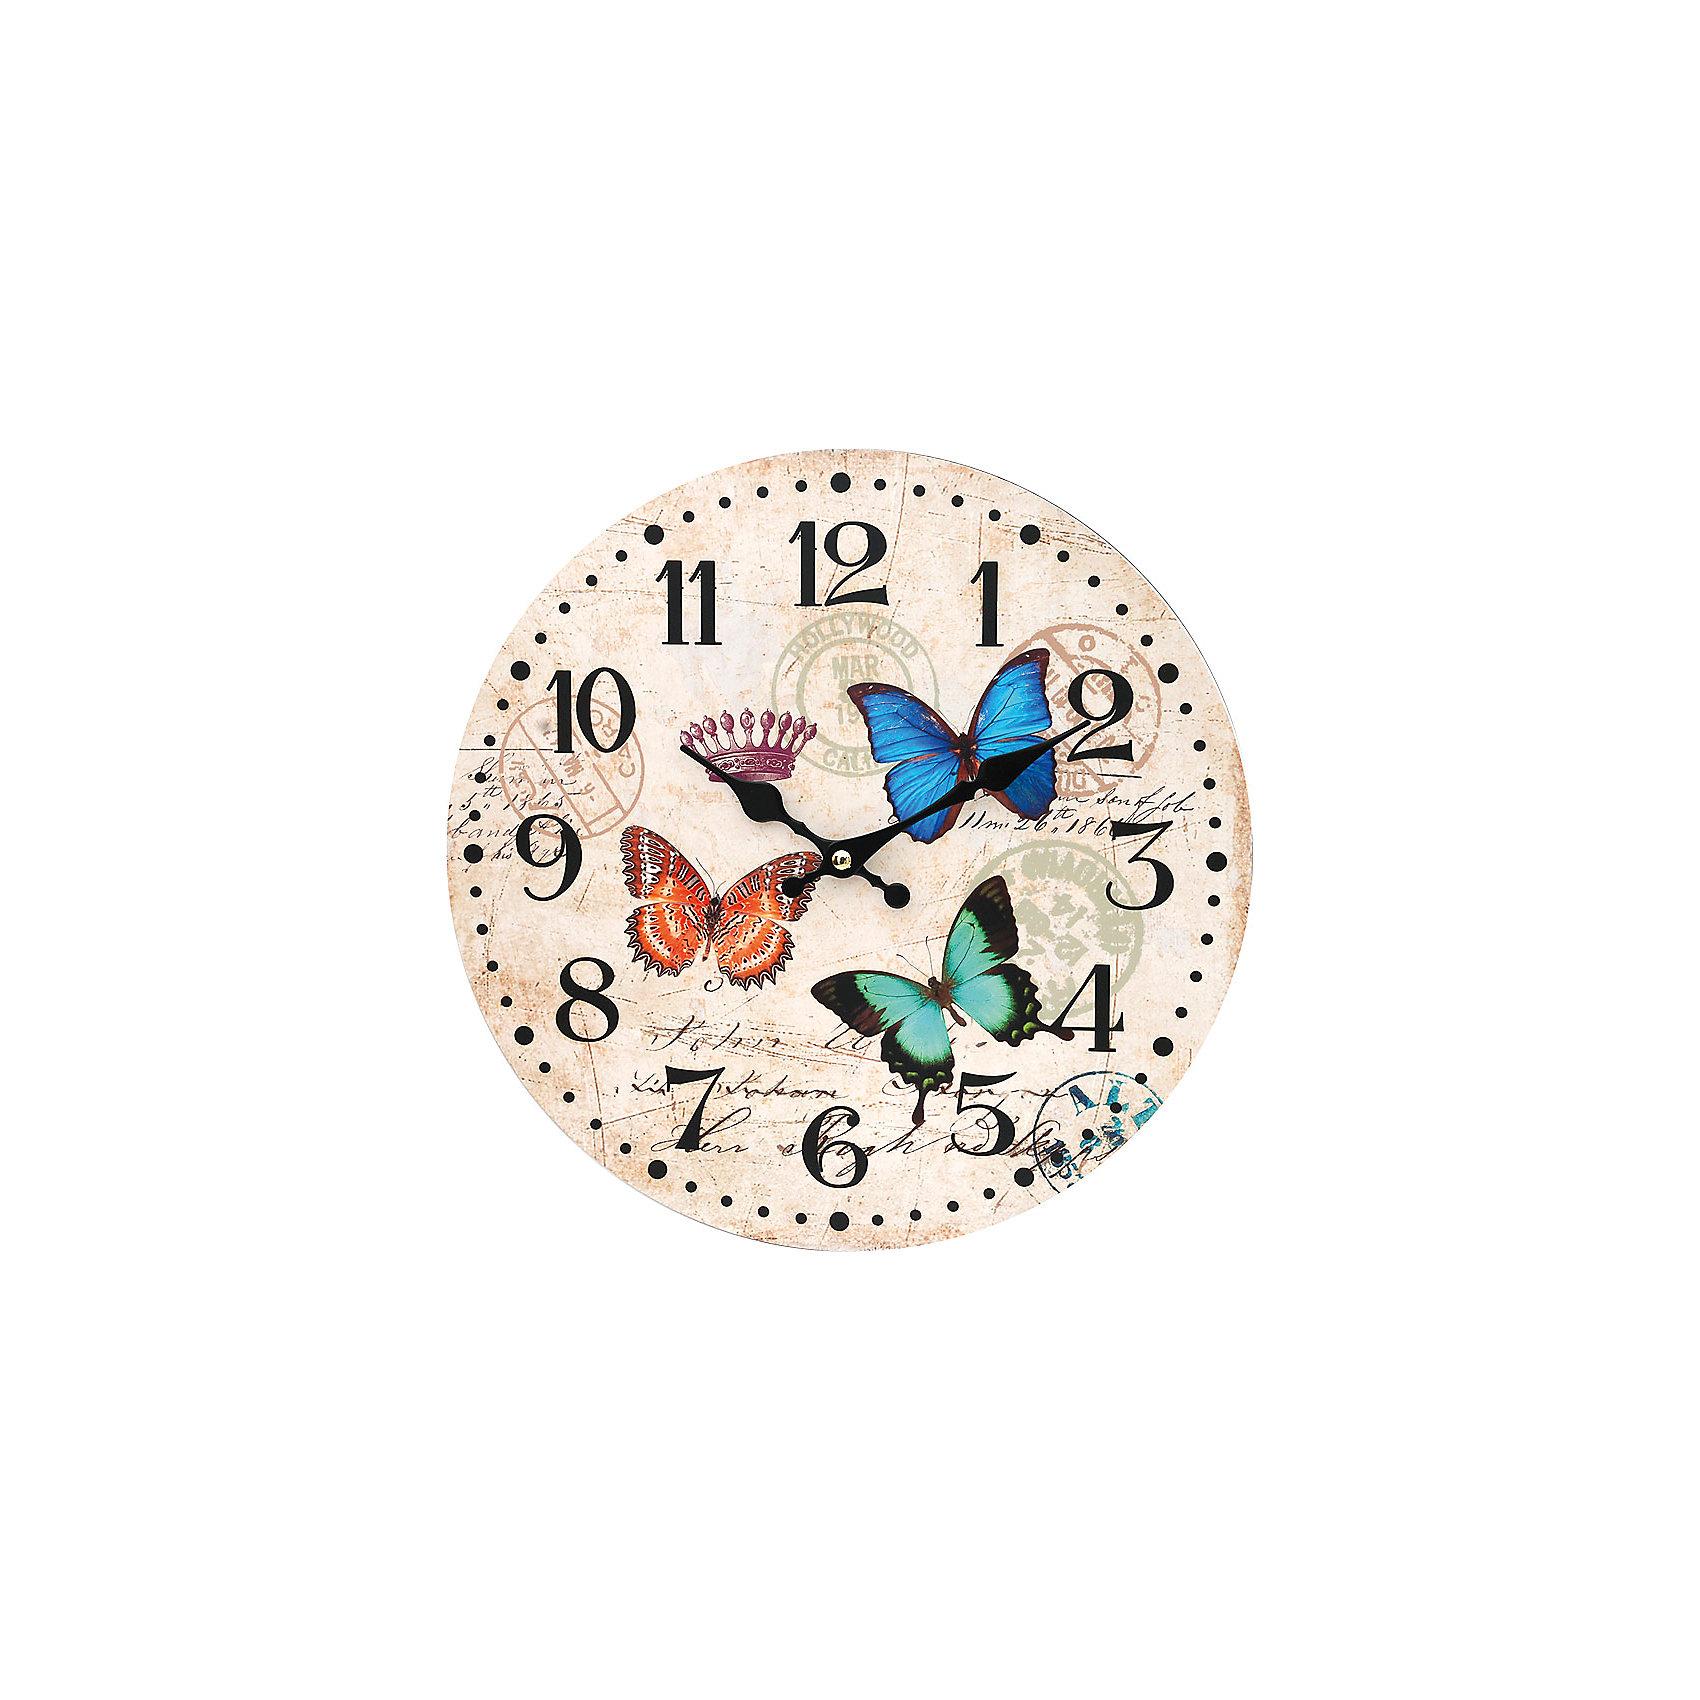 Часы настенные Разноцветные бабочки, диаметр 34 смПредметы интерьера<br>Часы настенные Разноцветные бабочки, диаметр 34 см.<br><br>Характеристики:<br><br>- Диаметр: 34 см.<br>- Две стрелки часовая и минутная<br>- Батарейка: 1 типа АА (в комплект не входит)<br>- Основной цвет: кремовый<br>- Упаковка картонная коробка<br><br>Кварцевые настенные часы с механизмом плавного хода помимо своего прямого назначения – показывать точное время – станут важным элементом декора Вашего дома, квартиры или офиса. Открытый циферблат часов выполнен из листа оргалита с декоративным покрытием, оформлен изображением порхающих разноцветных бабочек. Часовая и минутная стрелки металлические. Часовой механизм закрыт пластиковым корпусом. Часы будут ярким акцентом в интерьере и создадут дополнительный уют и хорошее настроение.<br><br>Часы настенные Разноцветные бабочки, диаметр 34 см можно купить в нашем интернет-магазине.<br><br>Ширина мм: 345<br>Глубина мм: 340<br>Высота мм: 45<br>Вес г: 2500<br>Возраст от месяцев: 72<br>Возраст до месяцев: 144<br>Пол: Унисекс<br>Возраст: Детский<br>SKU: 5089824